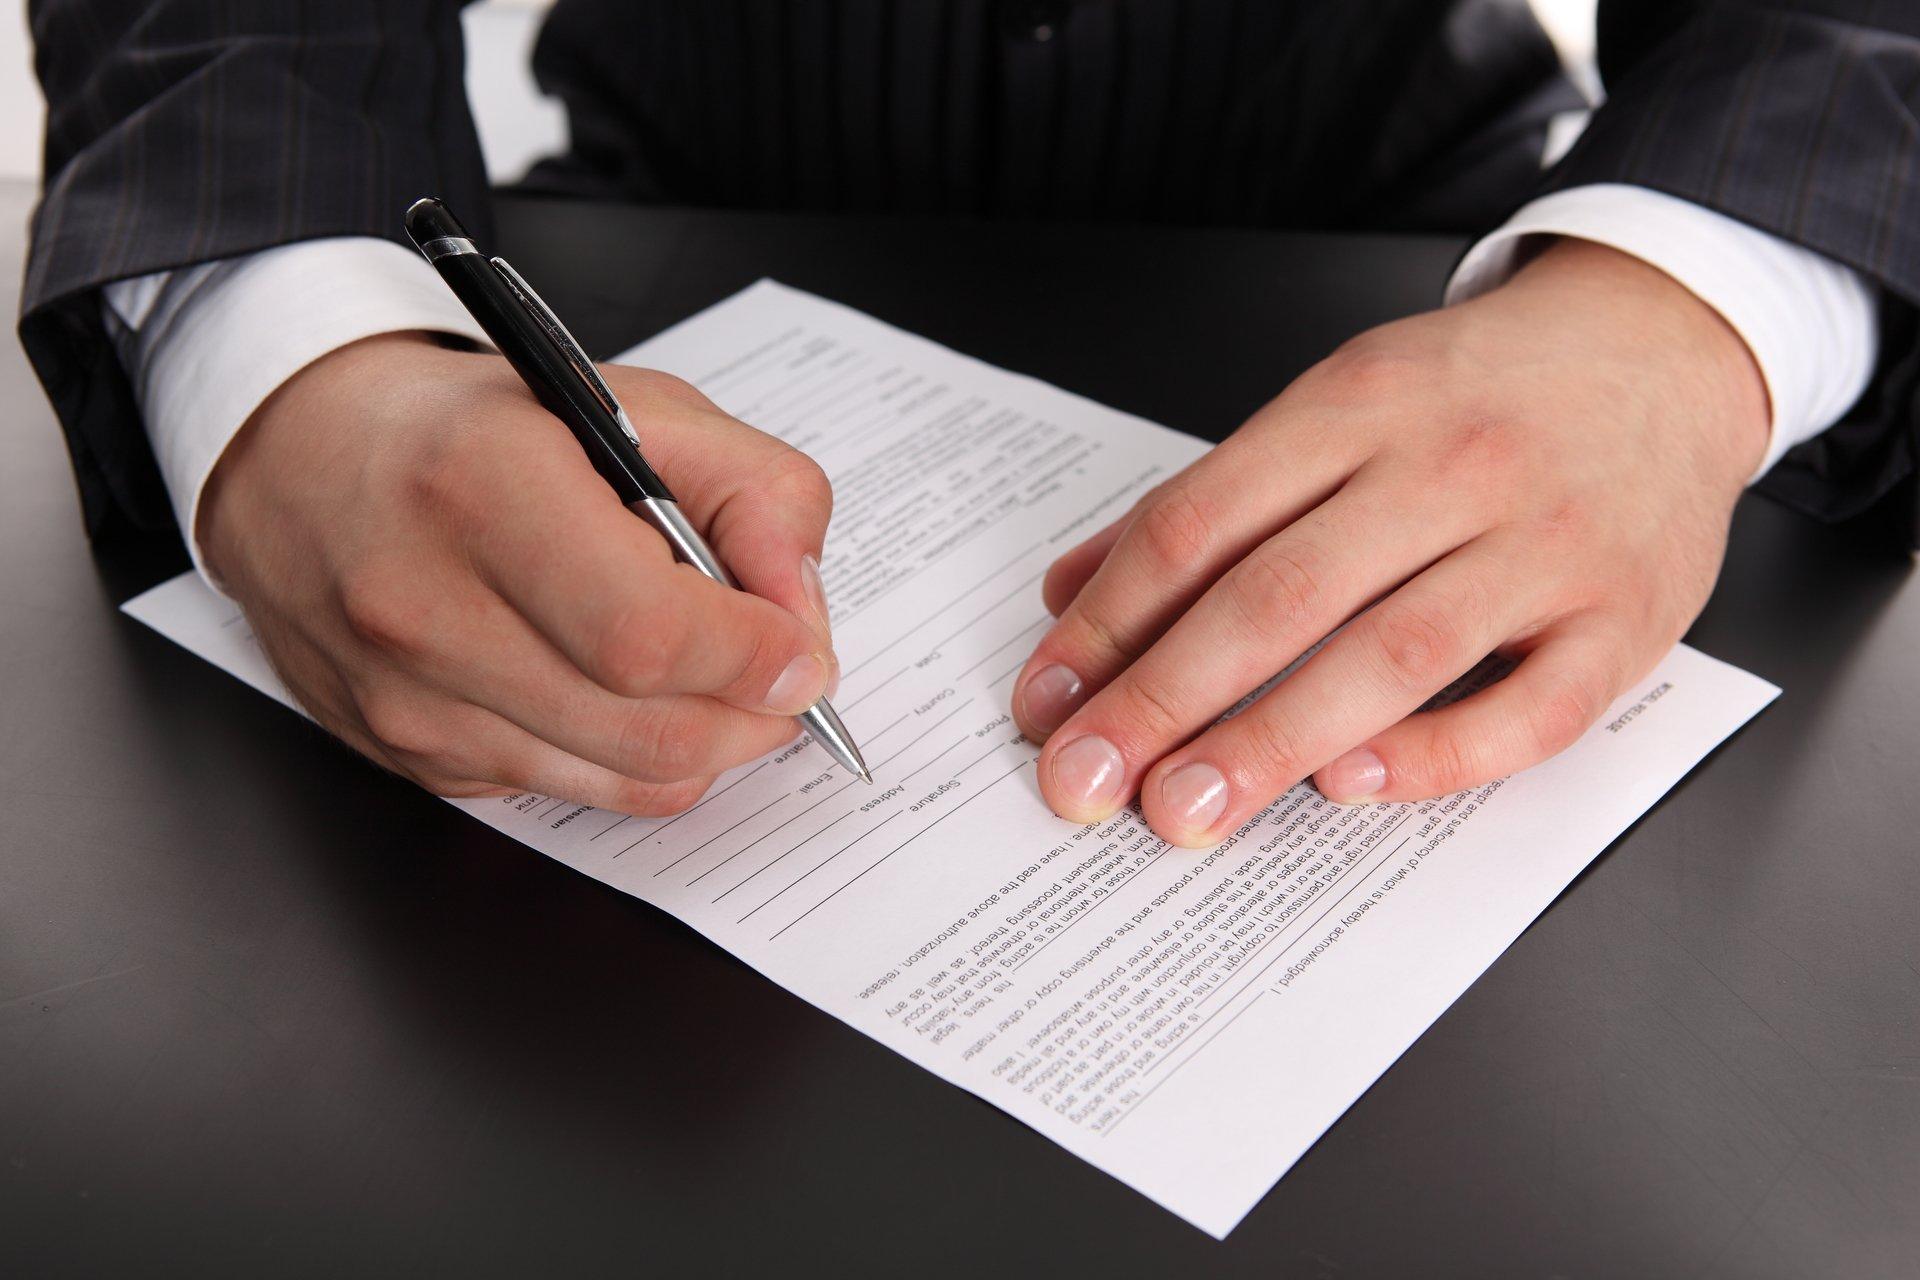 Образец заполнения декларации по земельному налогу за 2019 год